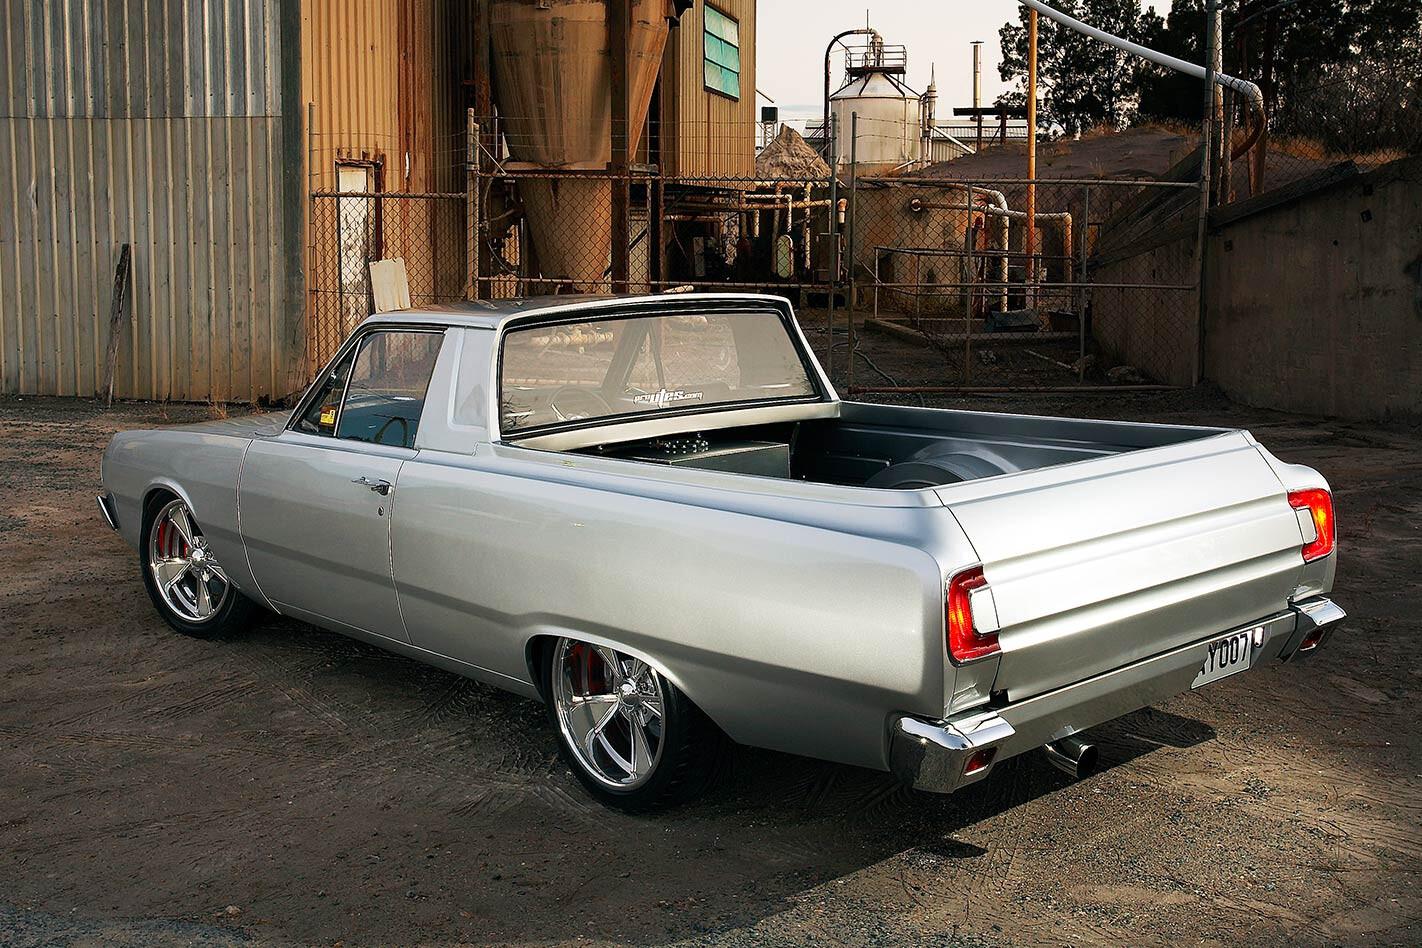 Chrysler Valiant VG ute rear